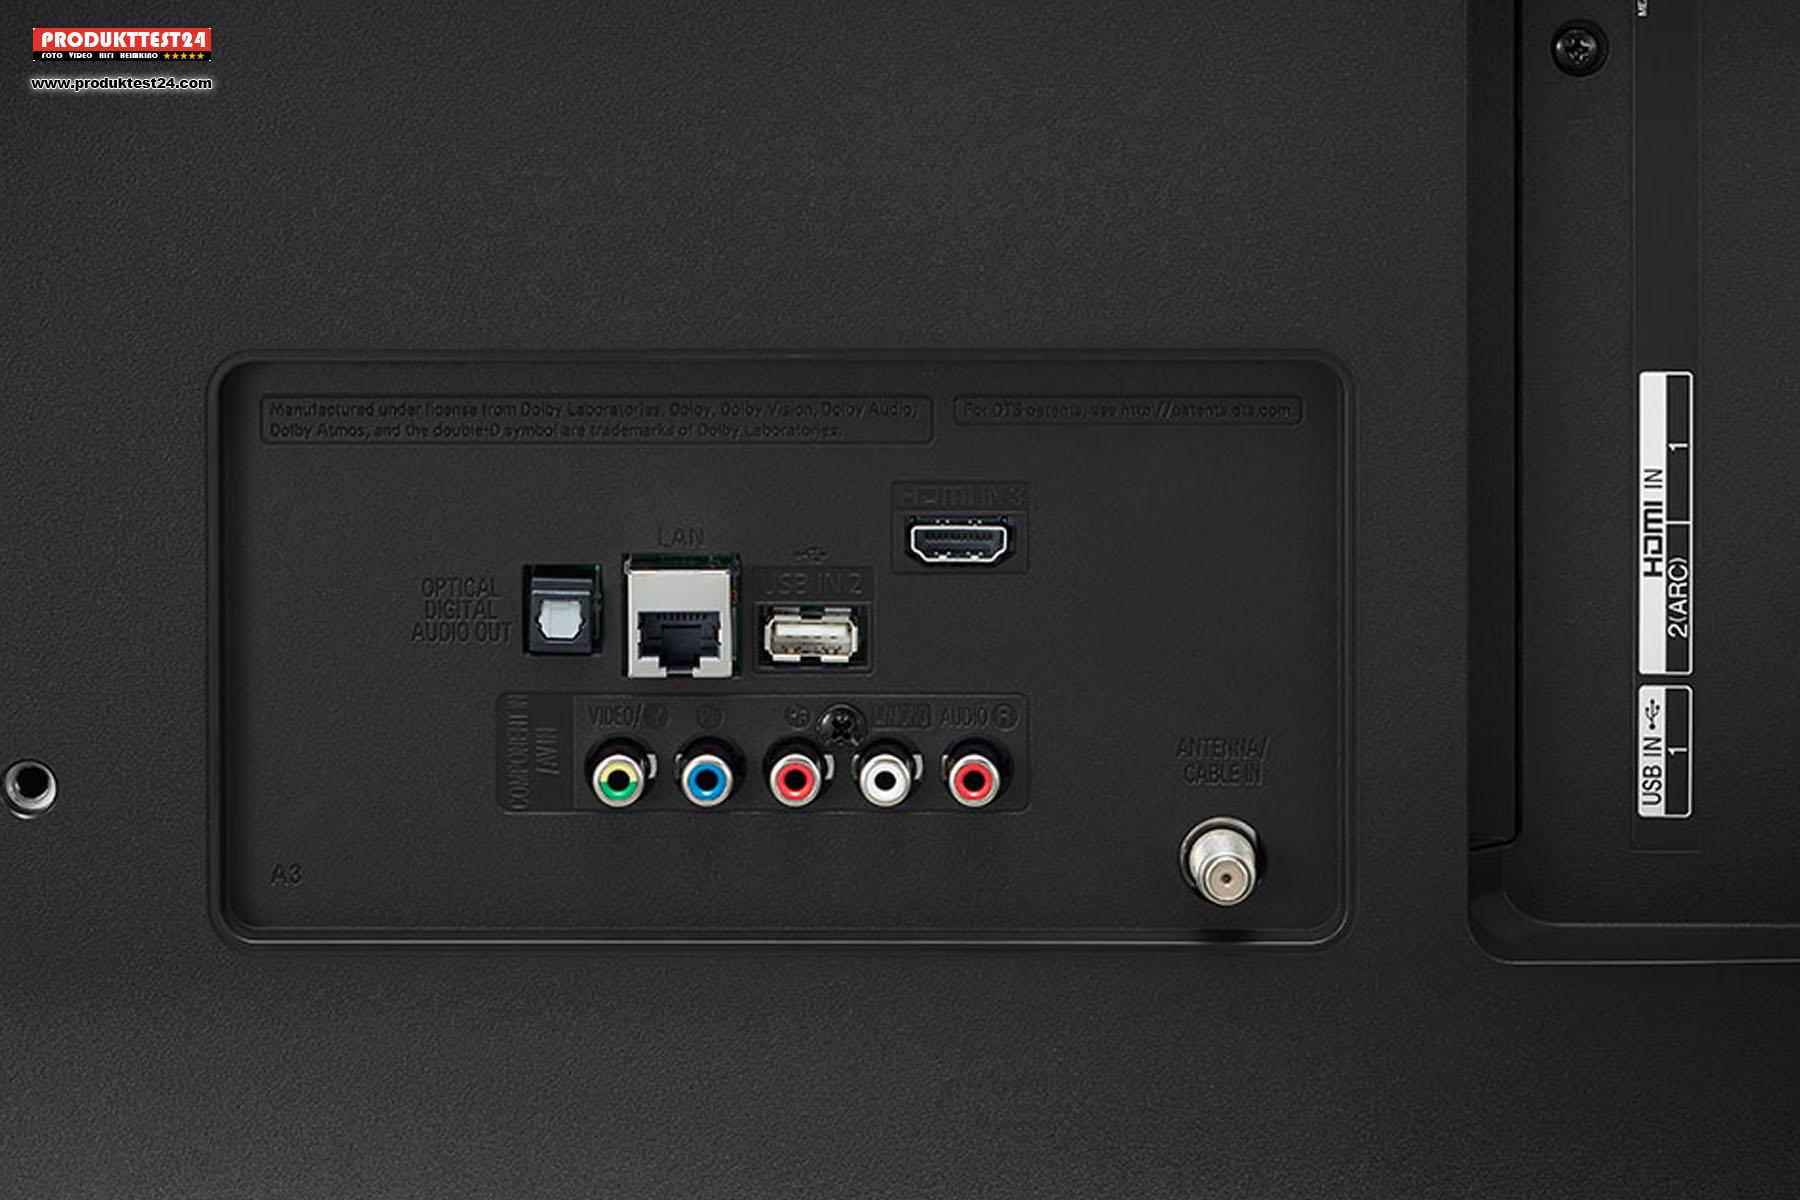 Die Rückseite des LG 65UN7100